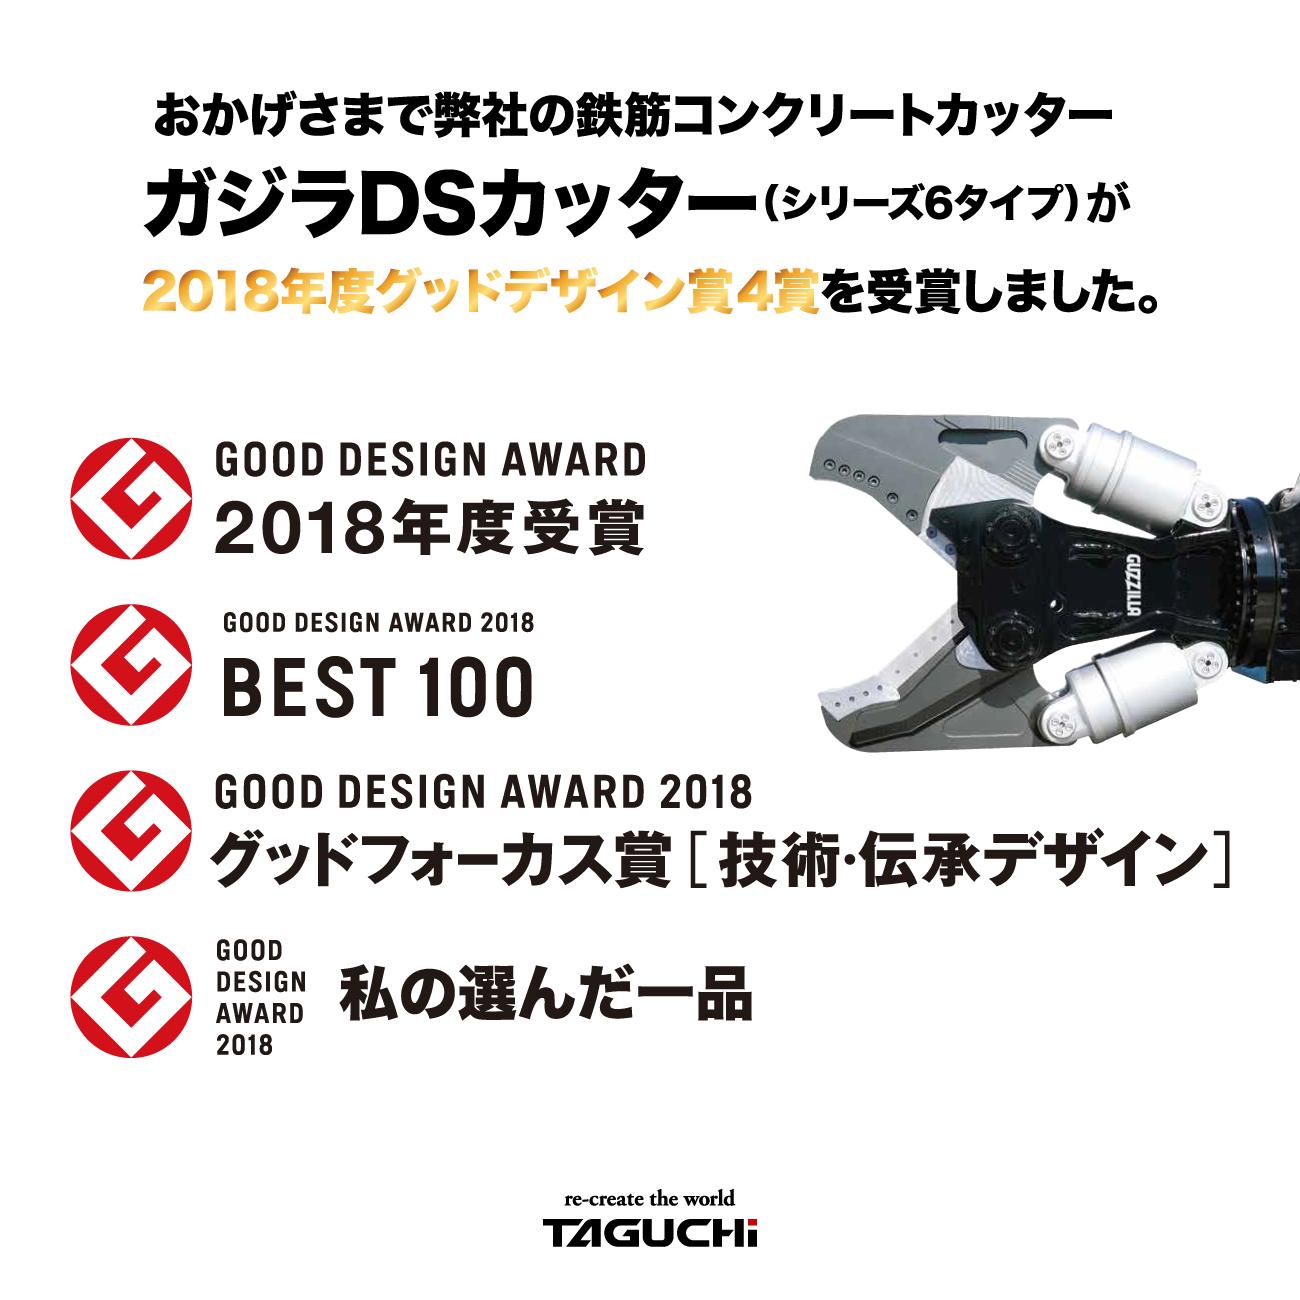 グッドデザイン賞特別賞